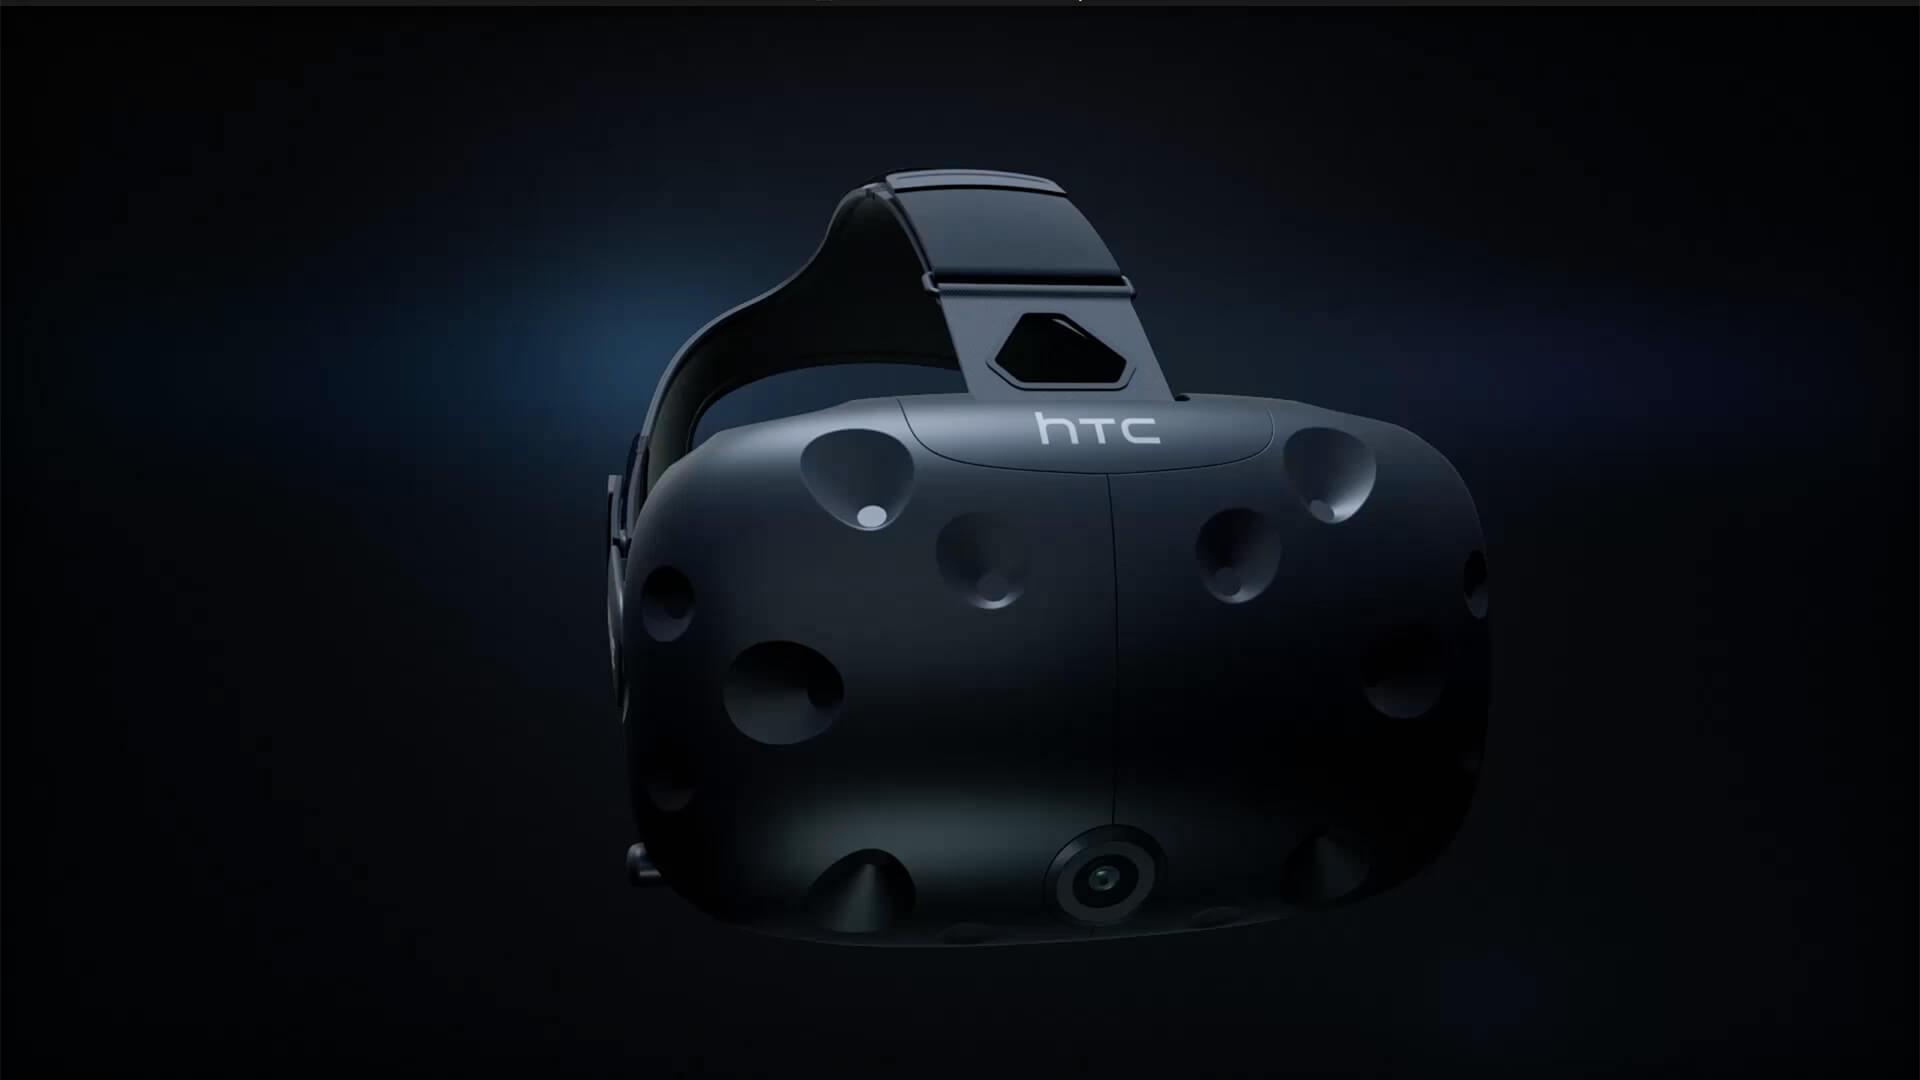 HTC : un rachat par Google pourrait-il sauver le constructeur ?